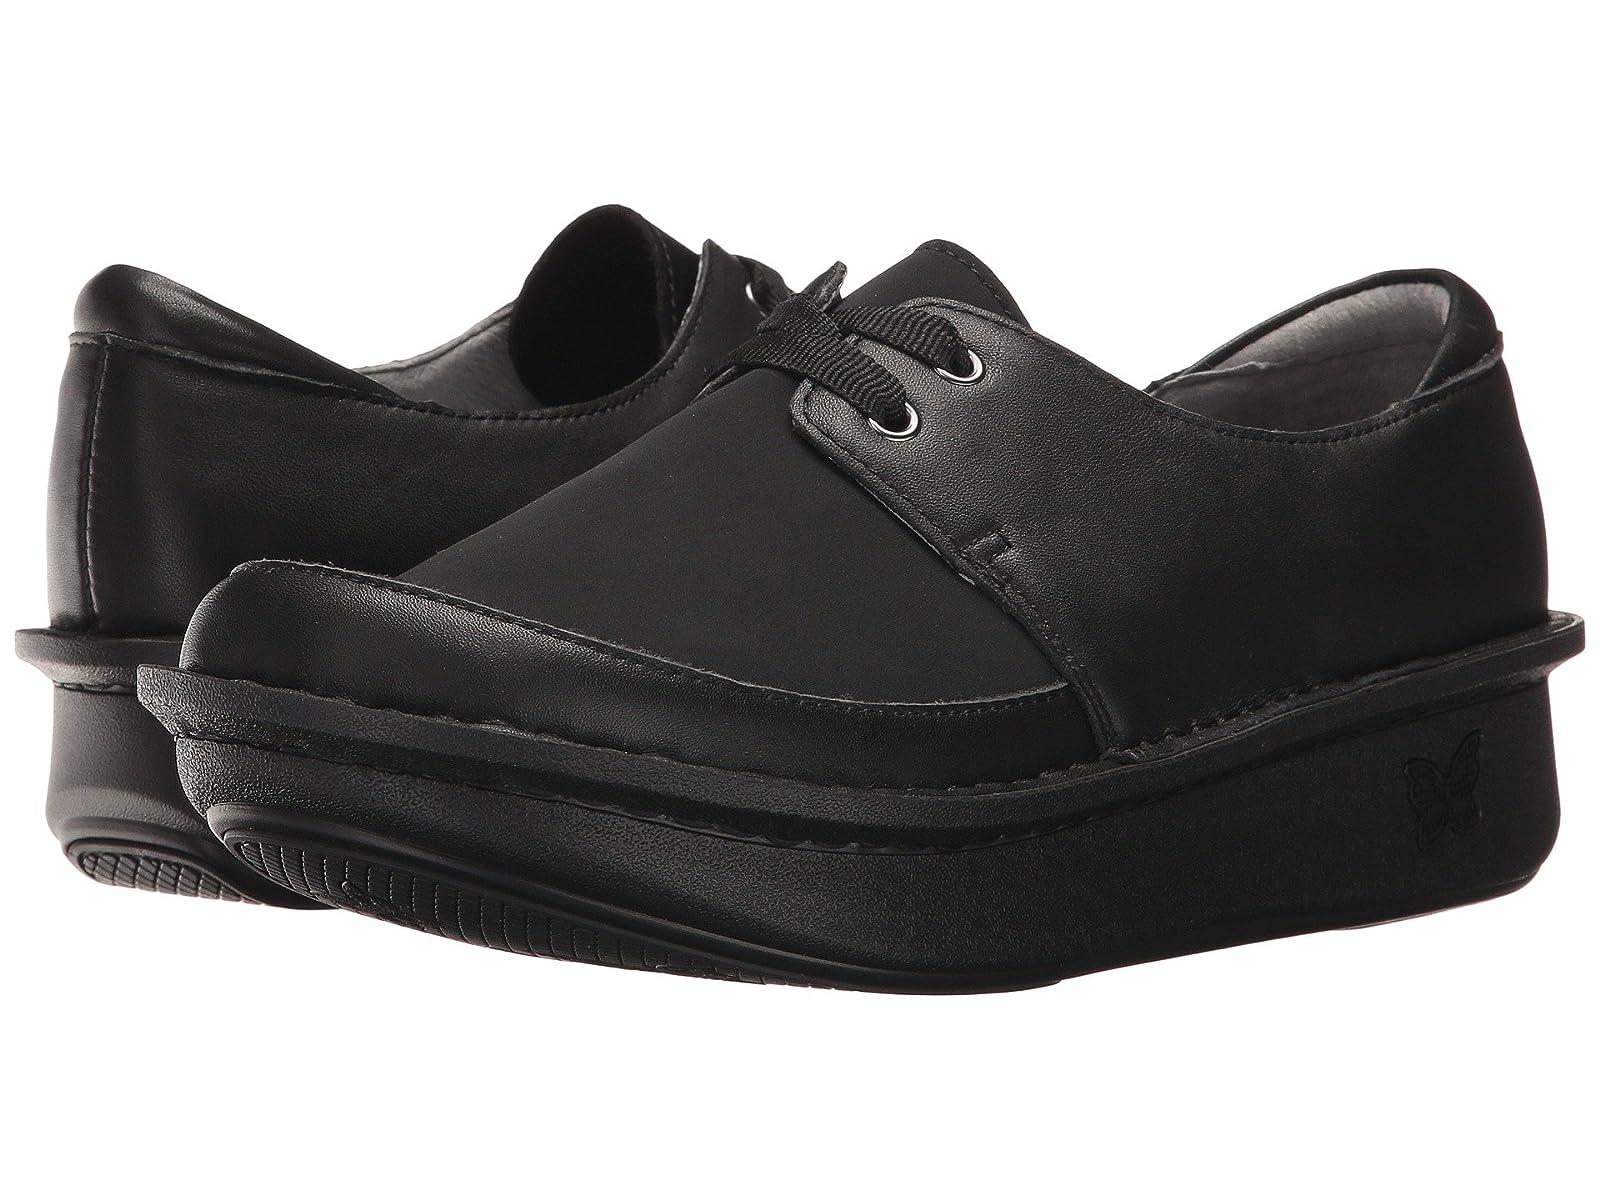 Alegria DaniEconomical and quality shoes